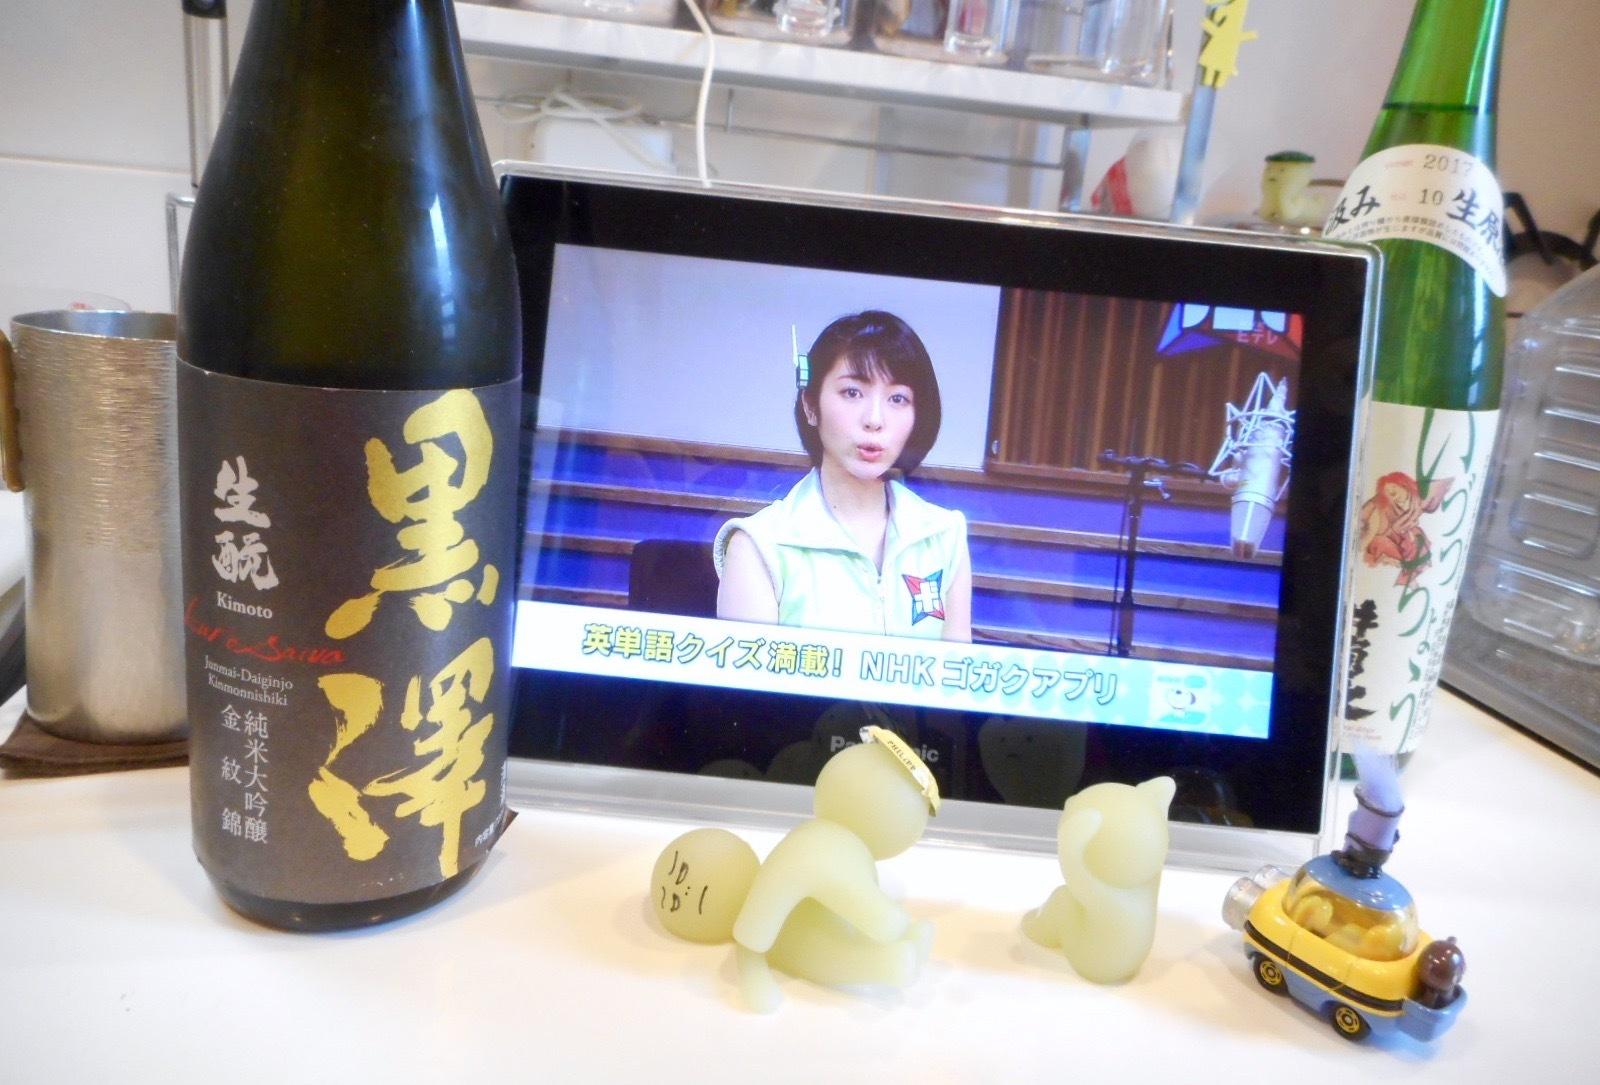 kurosawa_jundai_kinmon28by1.jpg